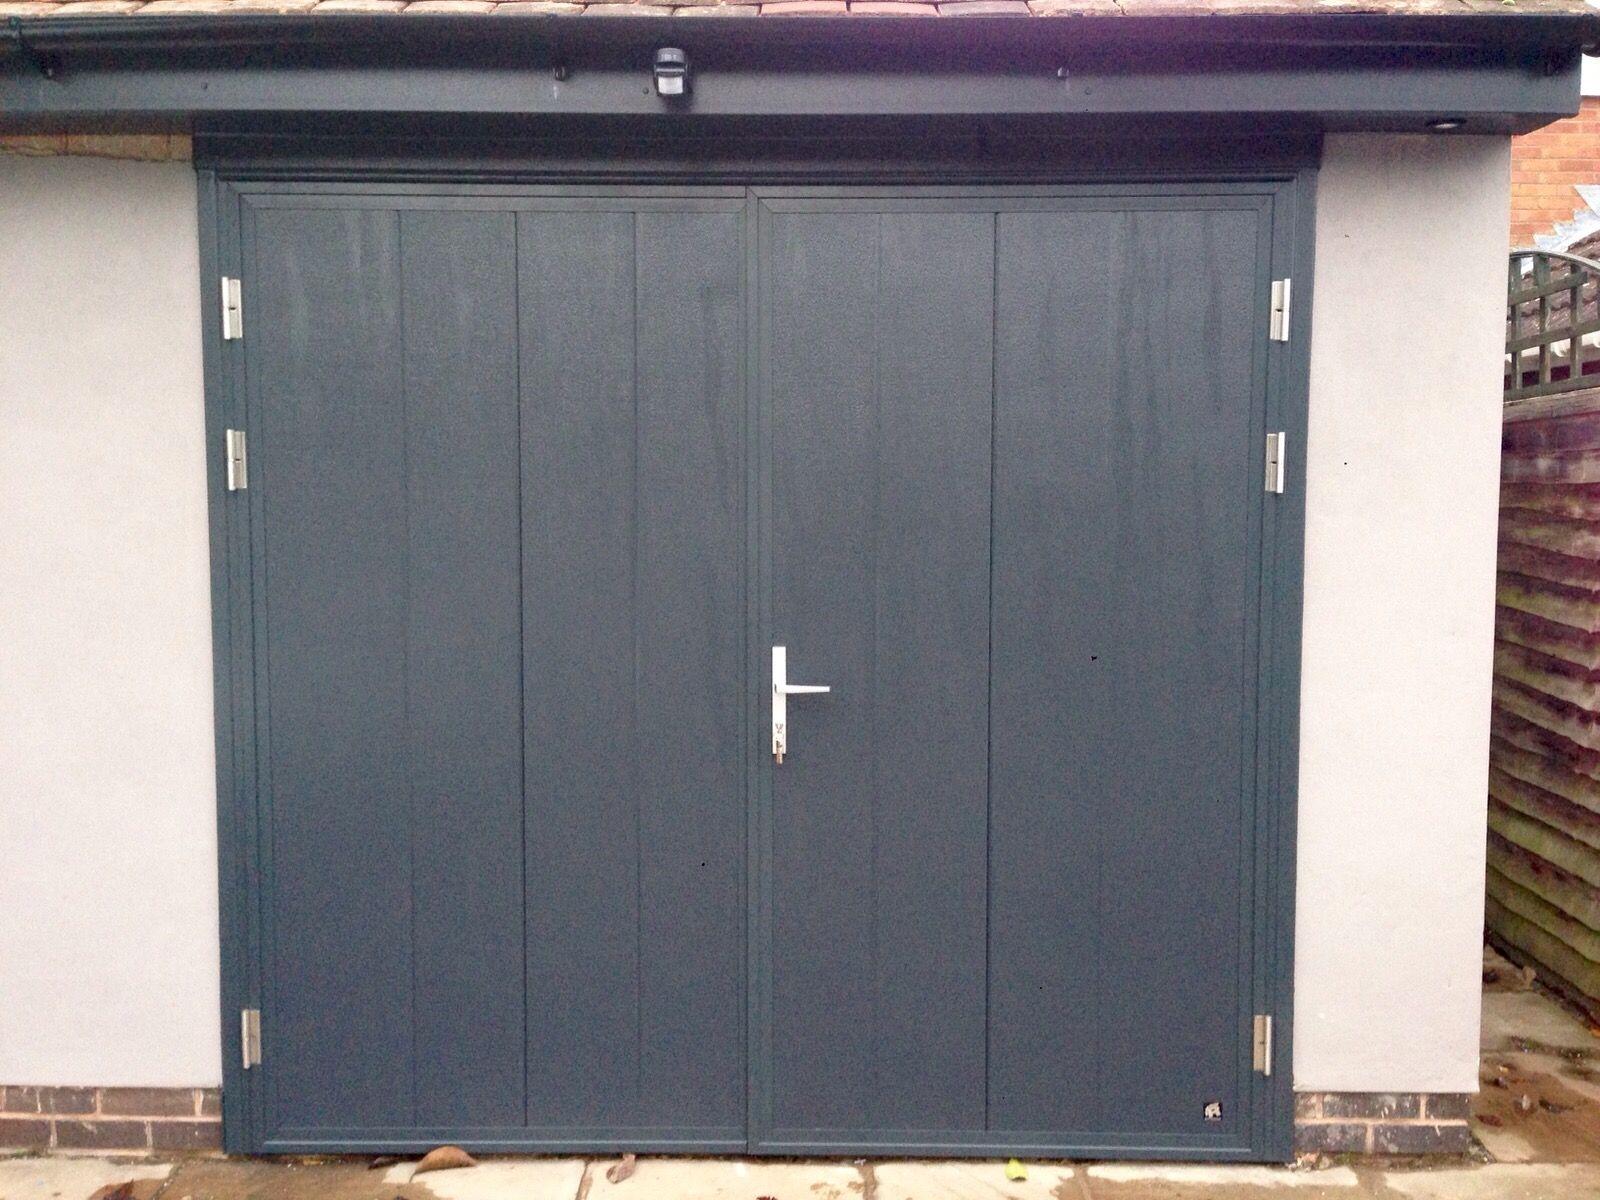 Ryterna Vertical Rib Woodgrain Side Hinge Door Anthracite Grey Ral 7016 Grey Garage Doors Side Hinged Garage Doors Garage Door Hinges